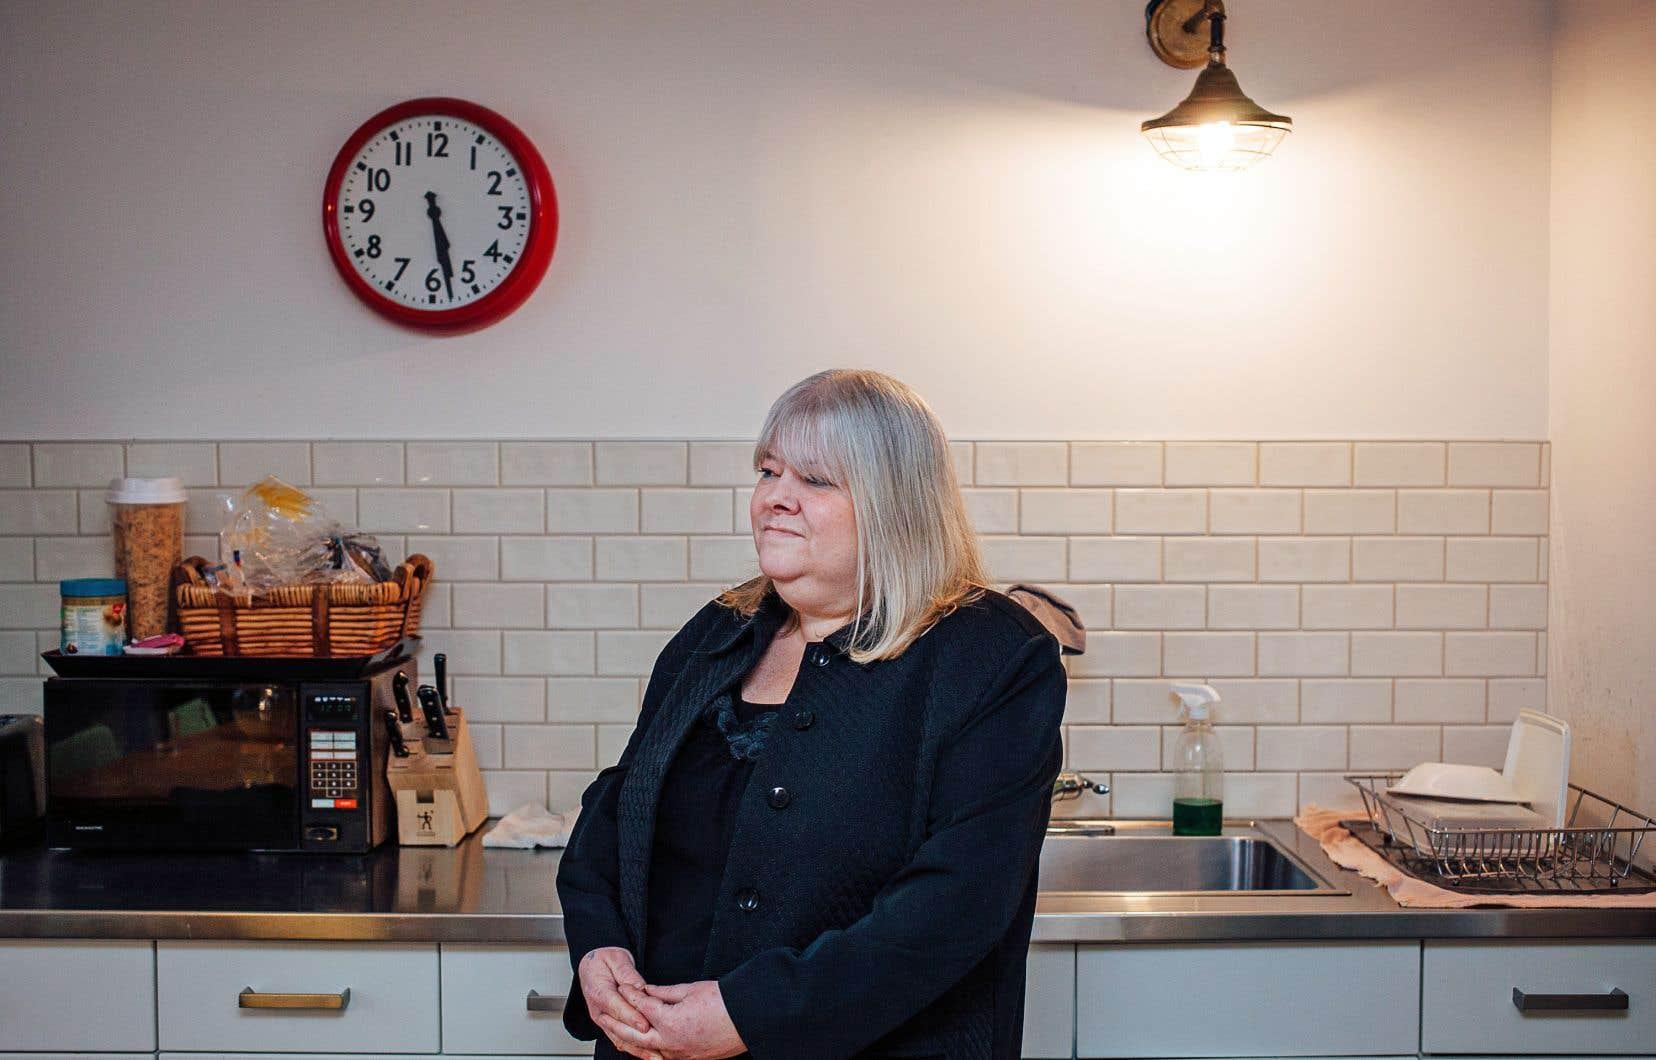 Suzanne vit dans le refuge du PPM au centre-ville de Montréal depuis deux mois et demi en attente d'un logement à loyer modique.